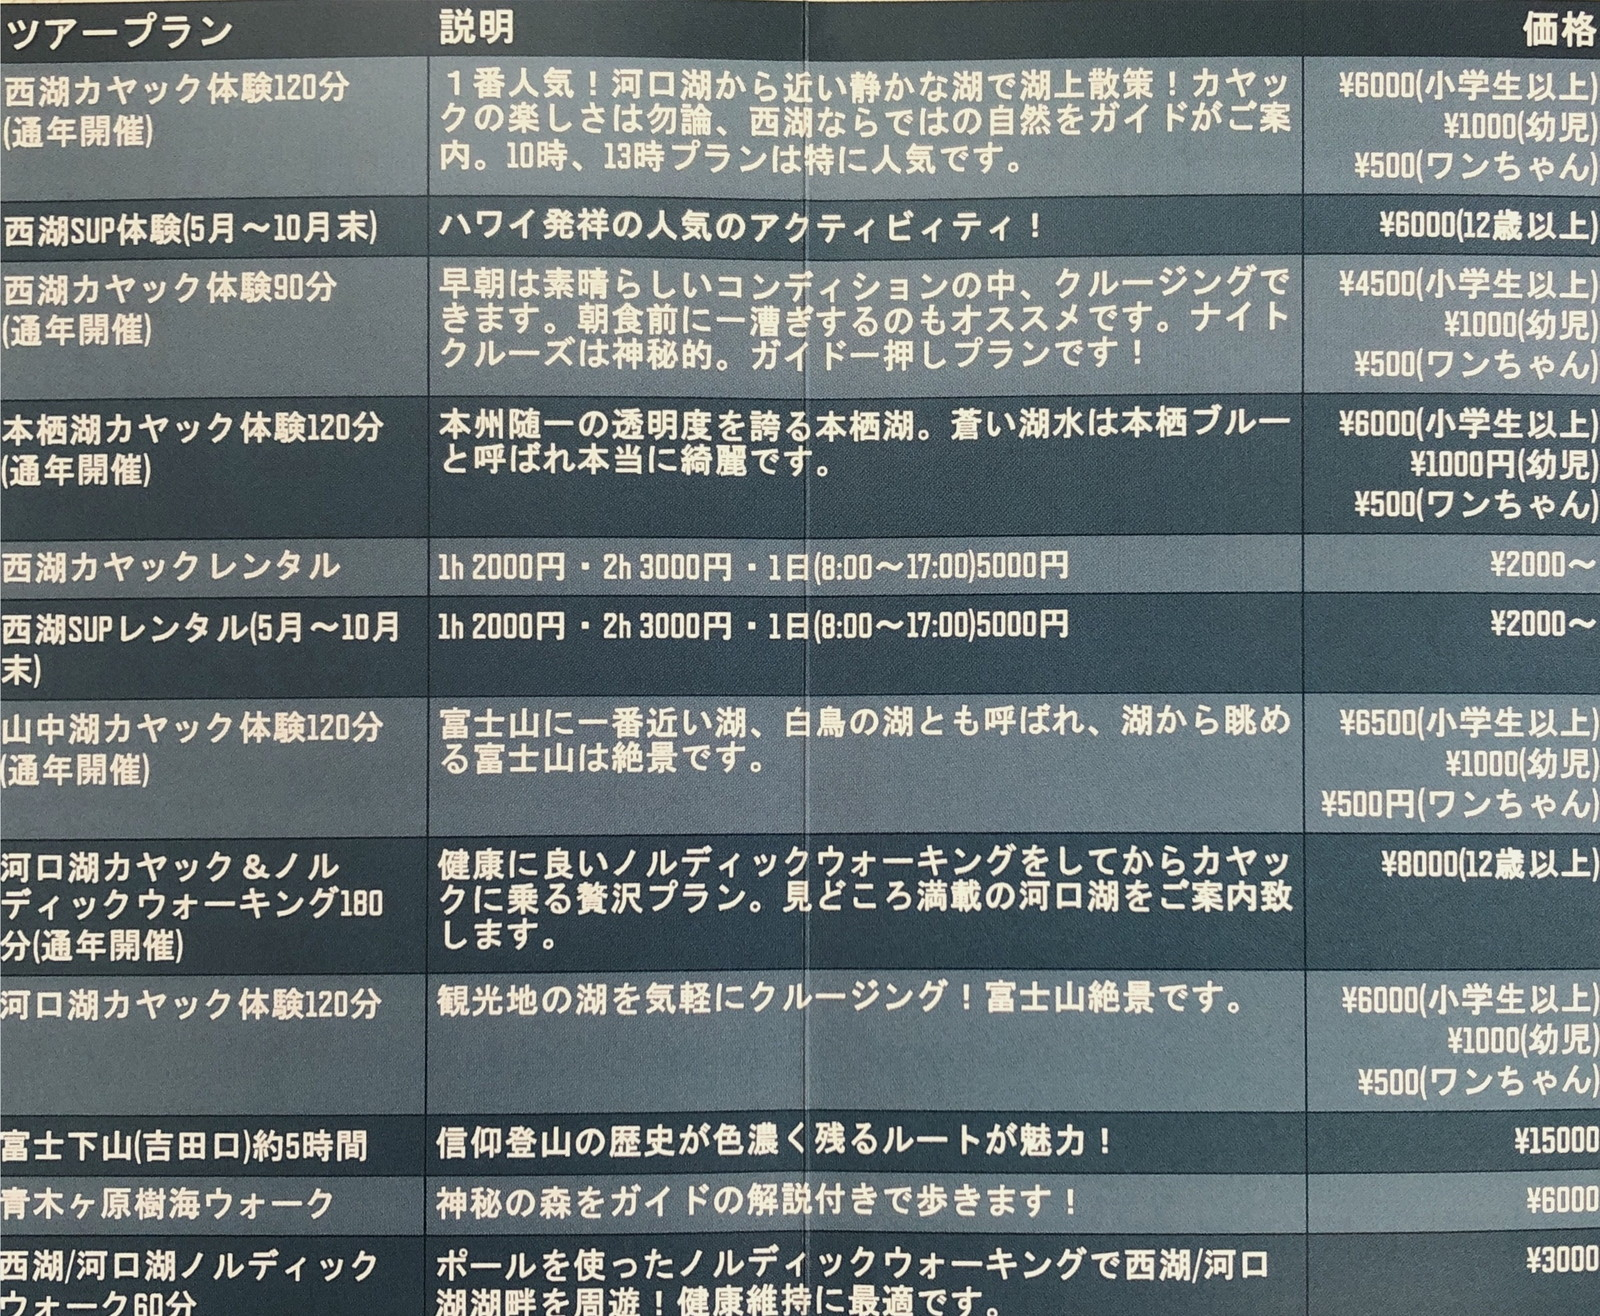 ナゴミ・ネイチャー・コネクションズの料金(参考)